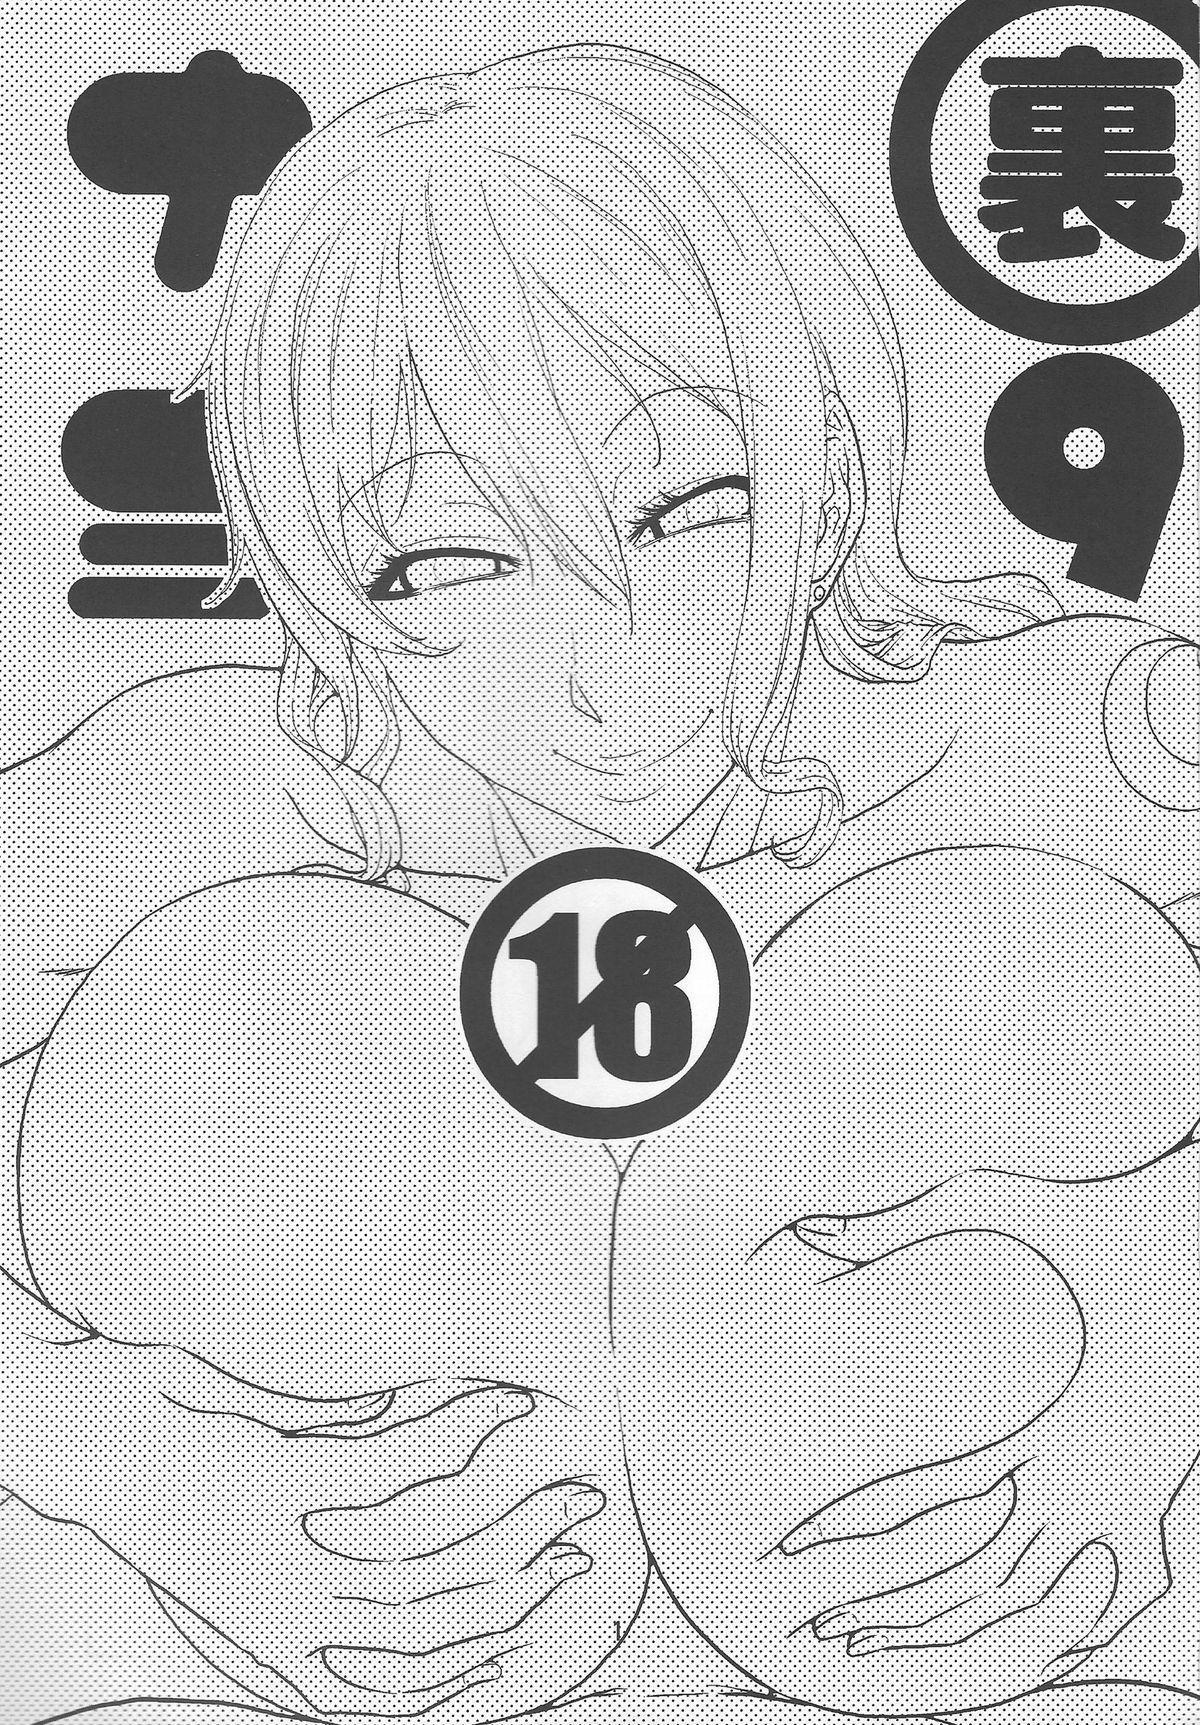 Nami no Ura Koukai Nisshi 9 | Nami's Backlog 9 1